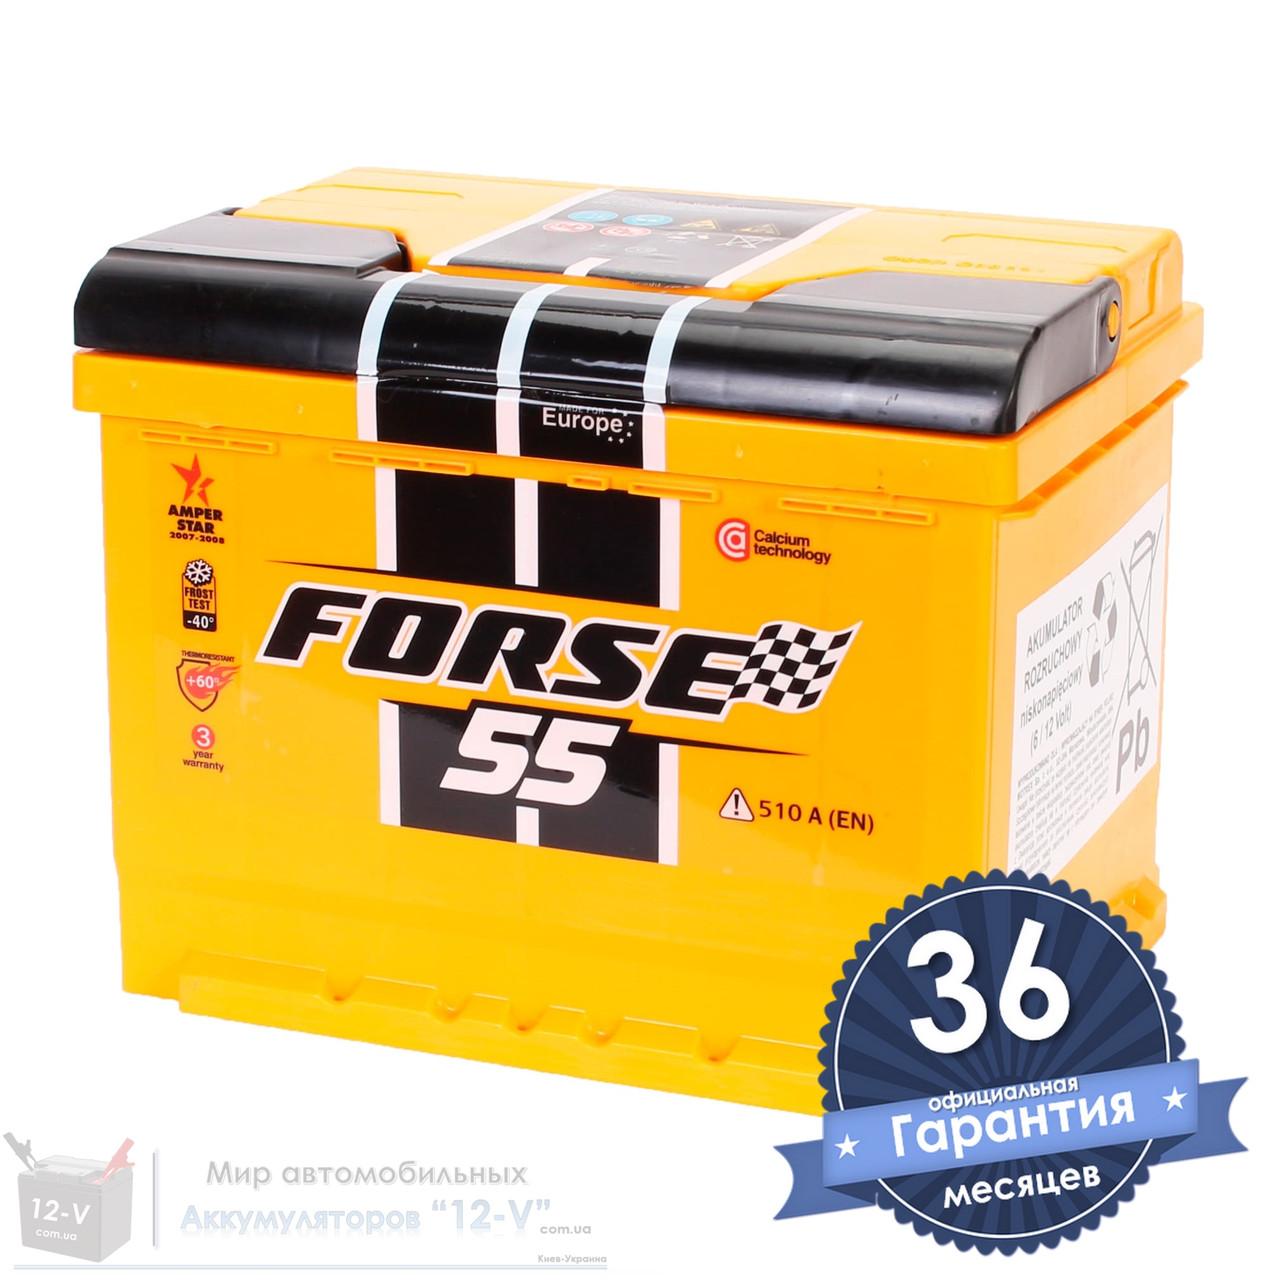 Аккумулятор автомобильный FORSE 6CT 55Ah, пусковой ток 510А (Низкий) [– +]